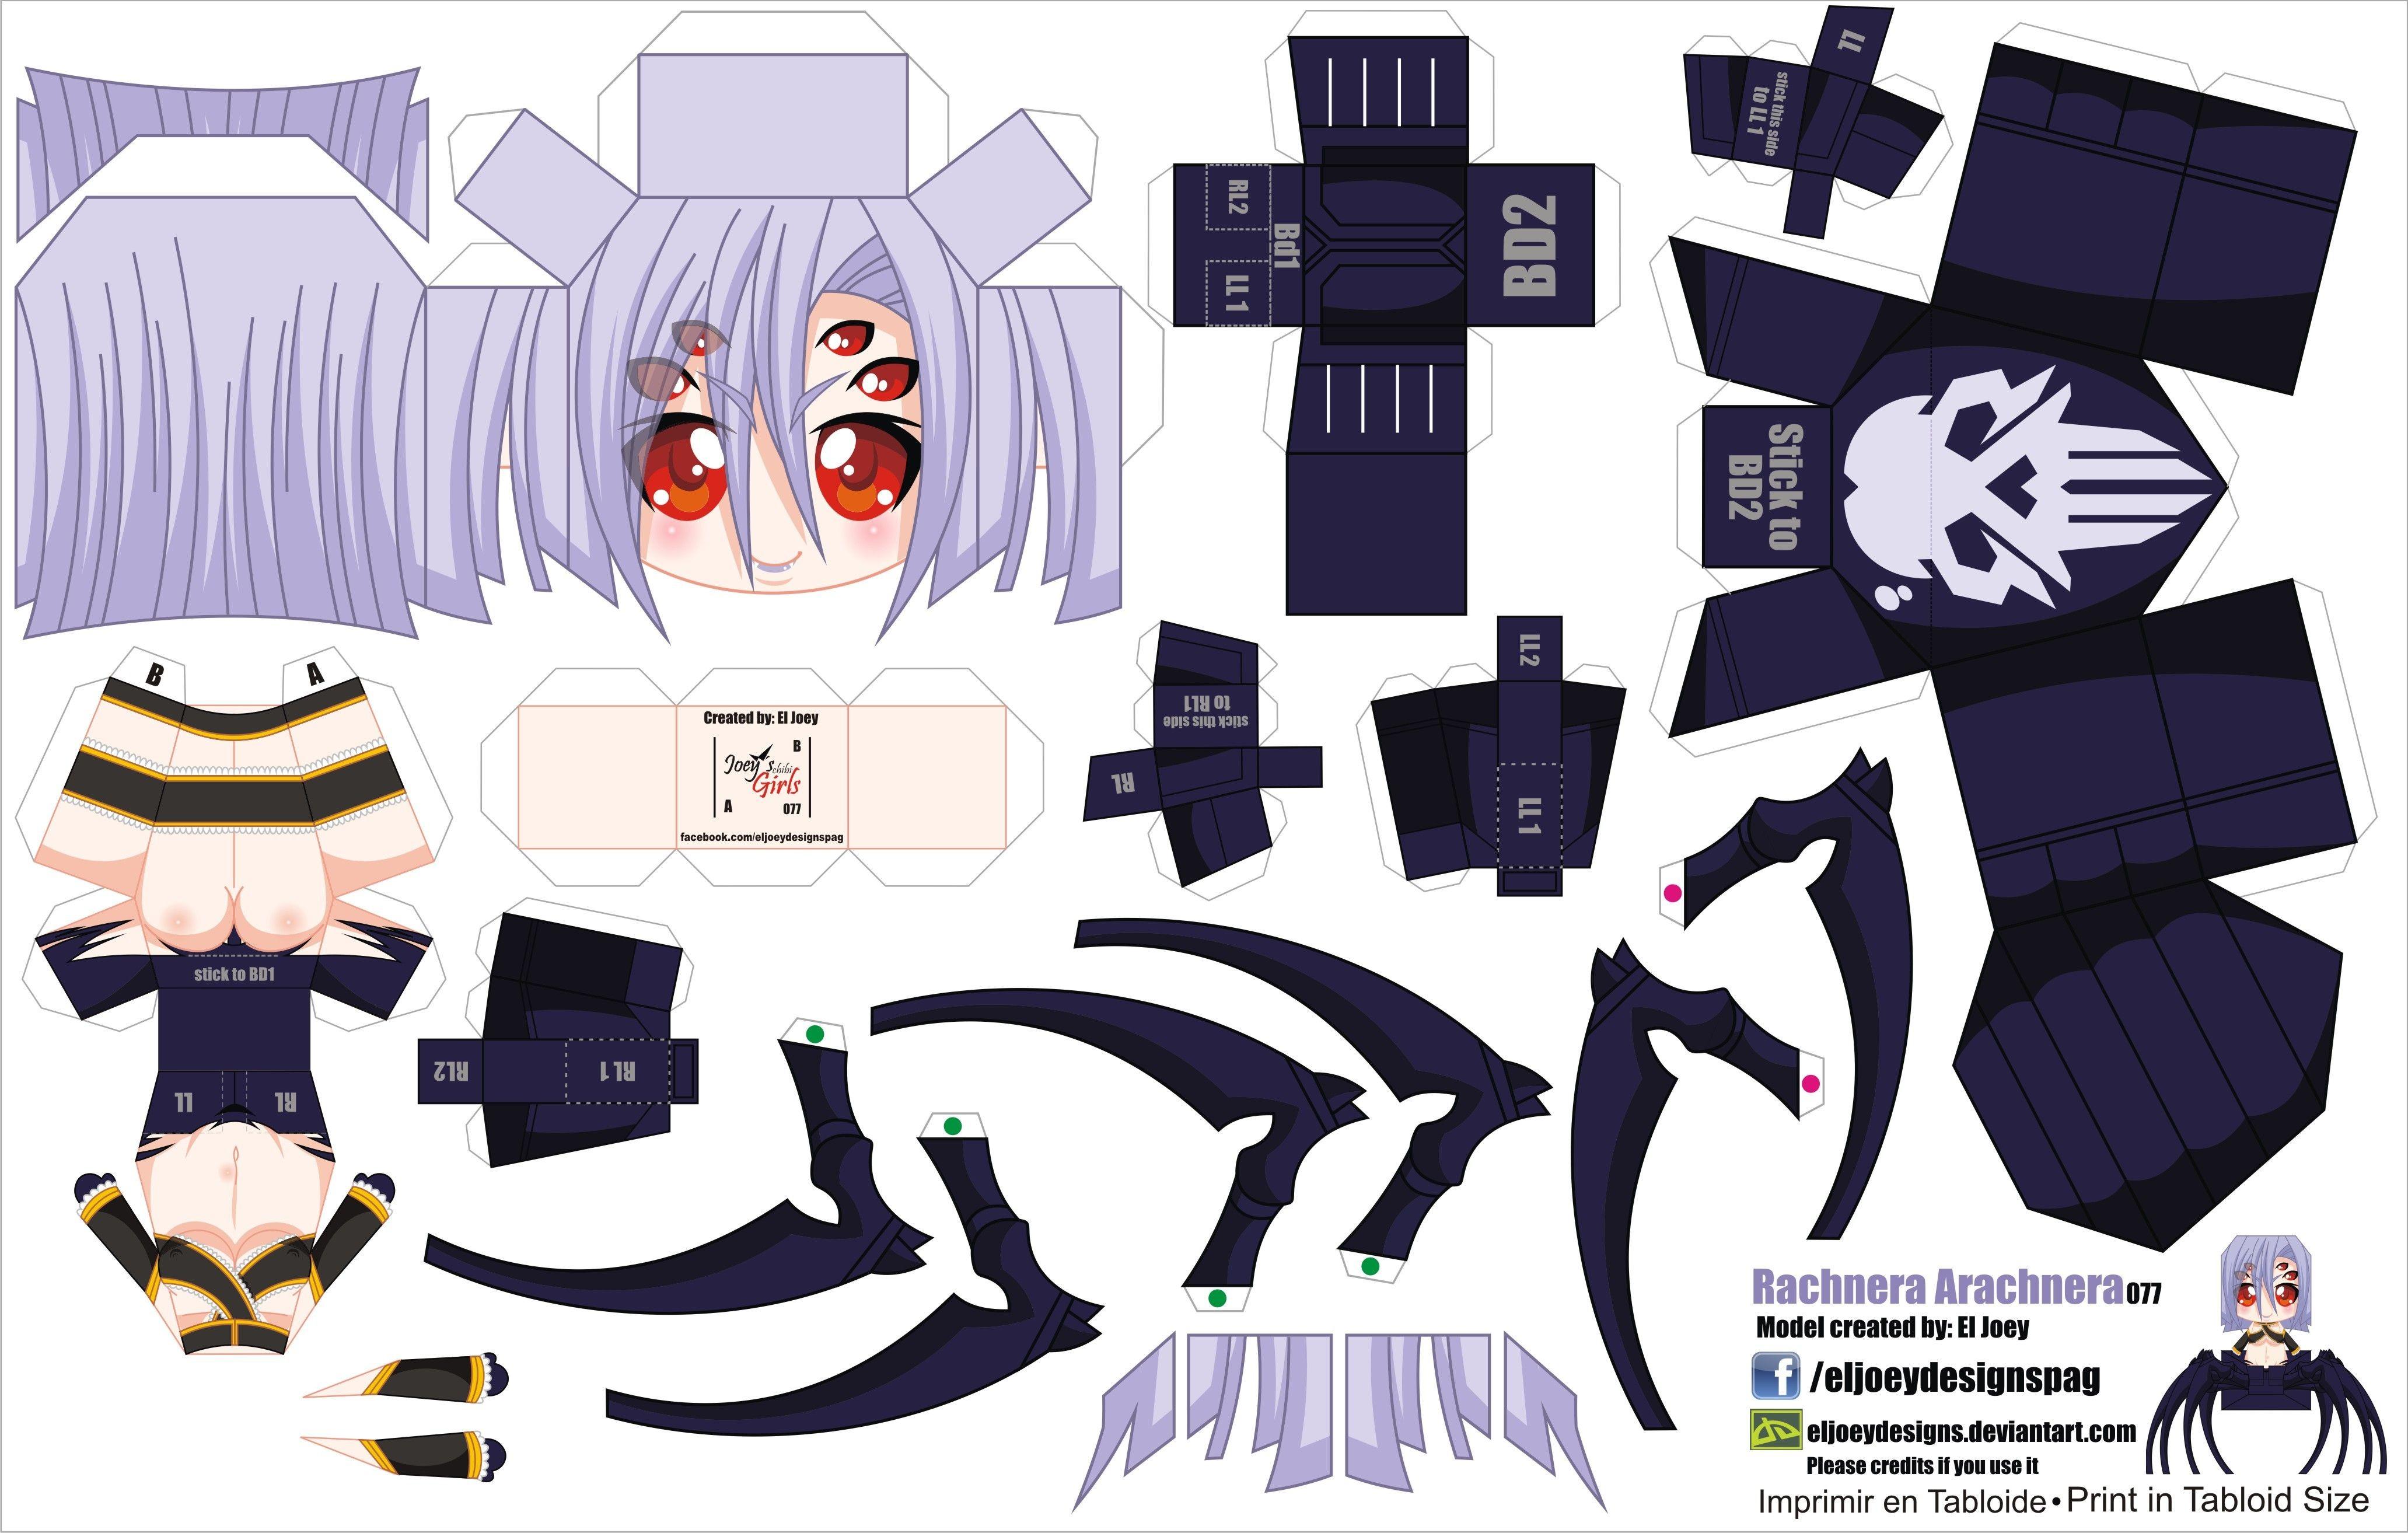 Miku Hatsune Papercraft Rachnera Arachnera Jcg 077 Part 1 by Eljoeydesigns D8nsmd9